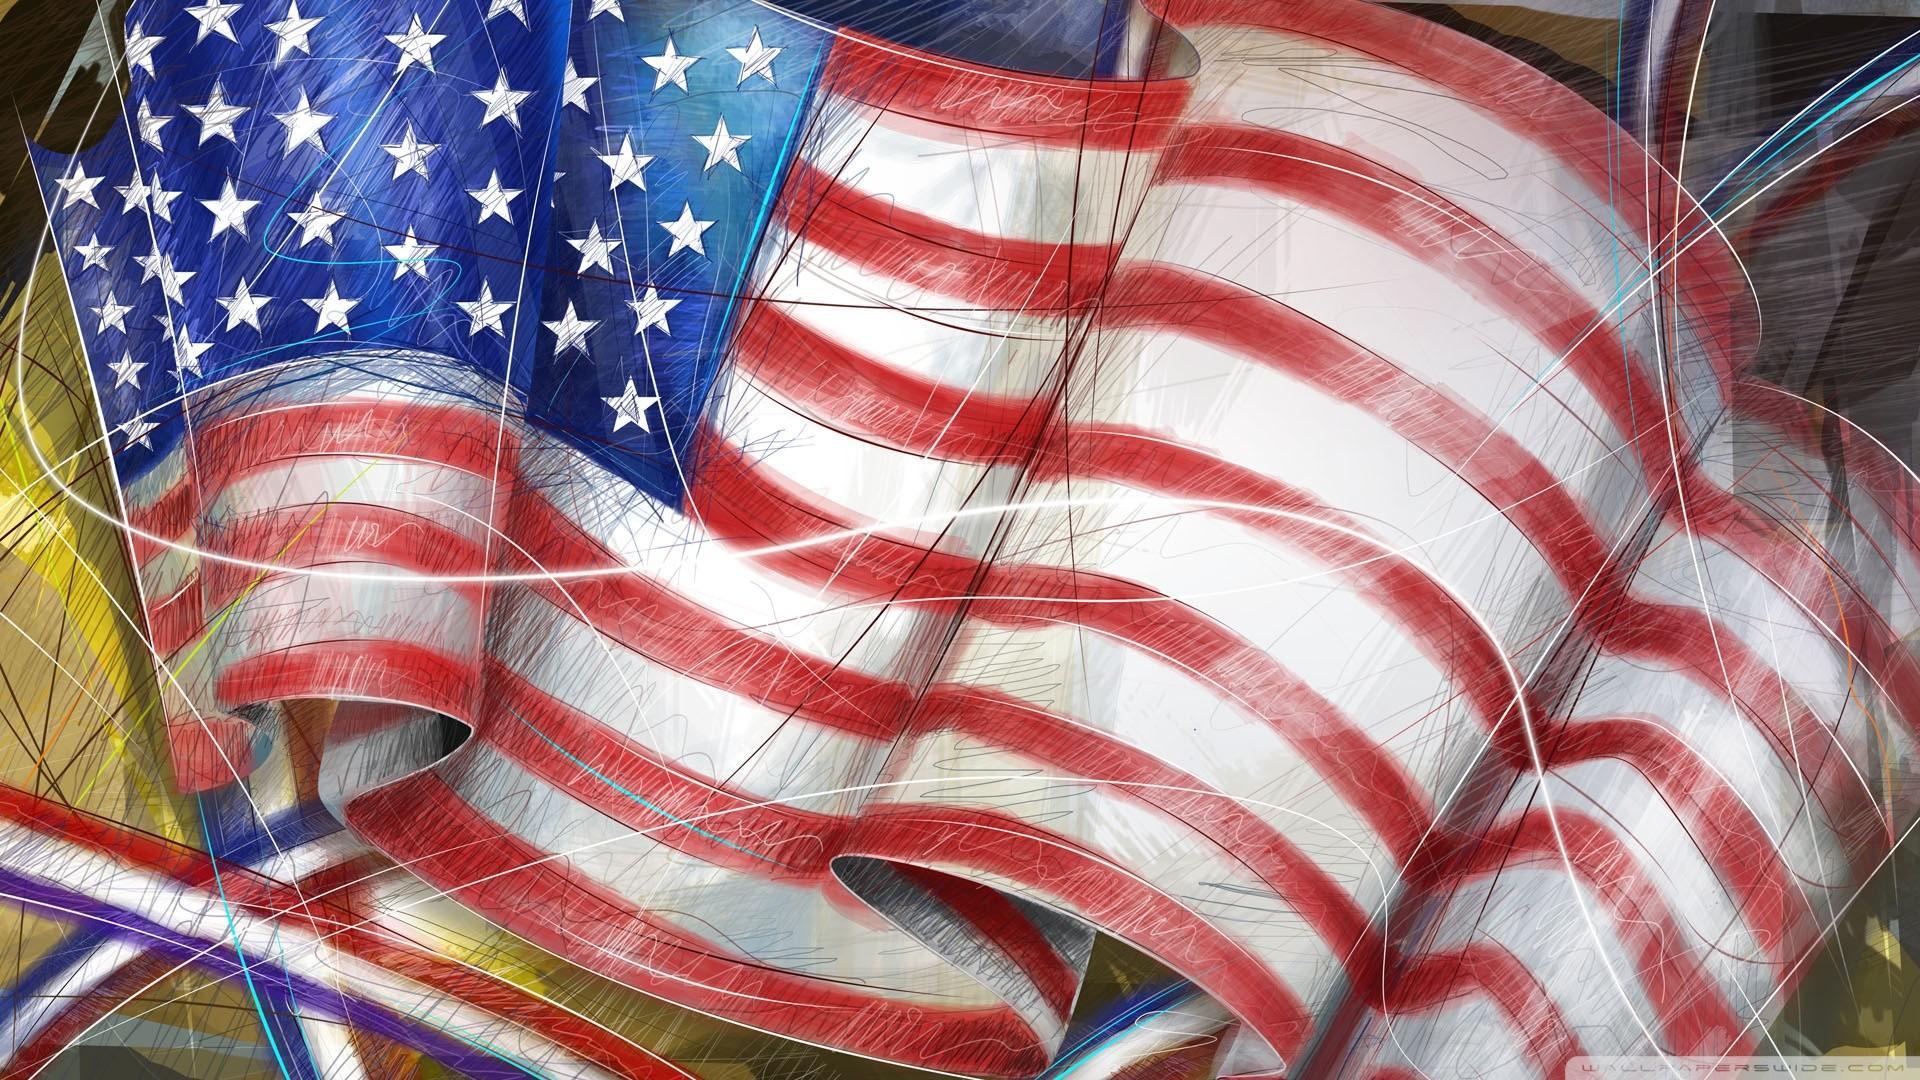 USA Flag Wallpaper Download. USA Flag Wallpaper. .